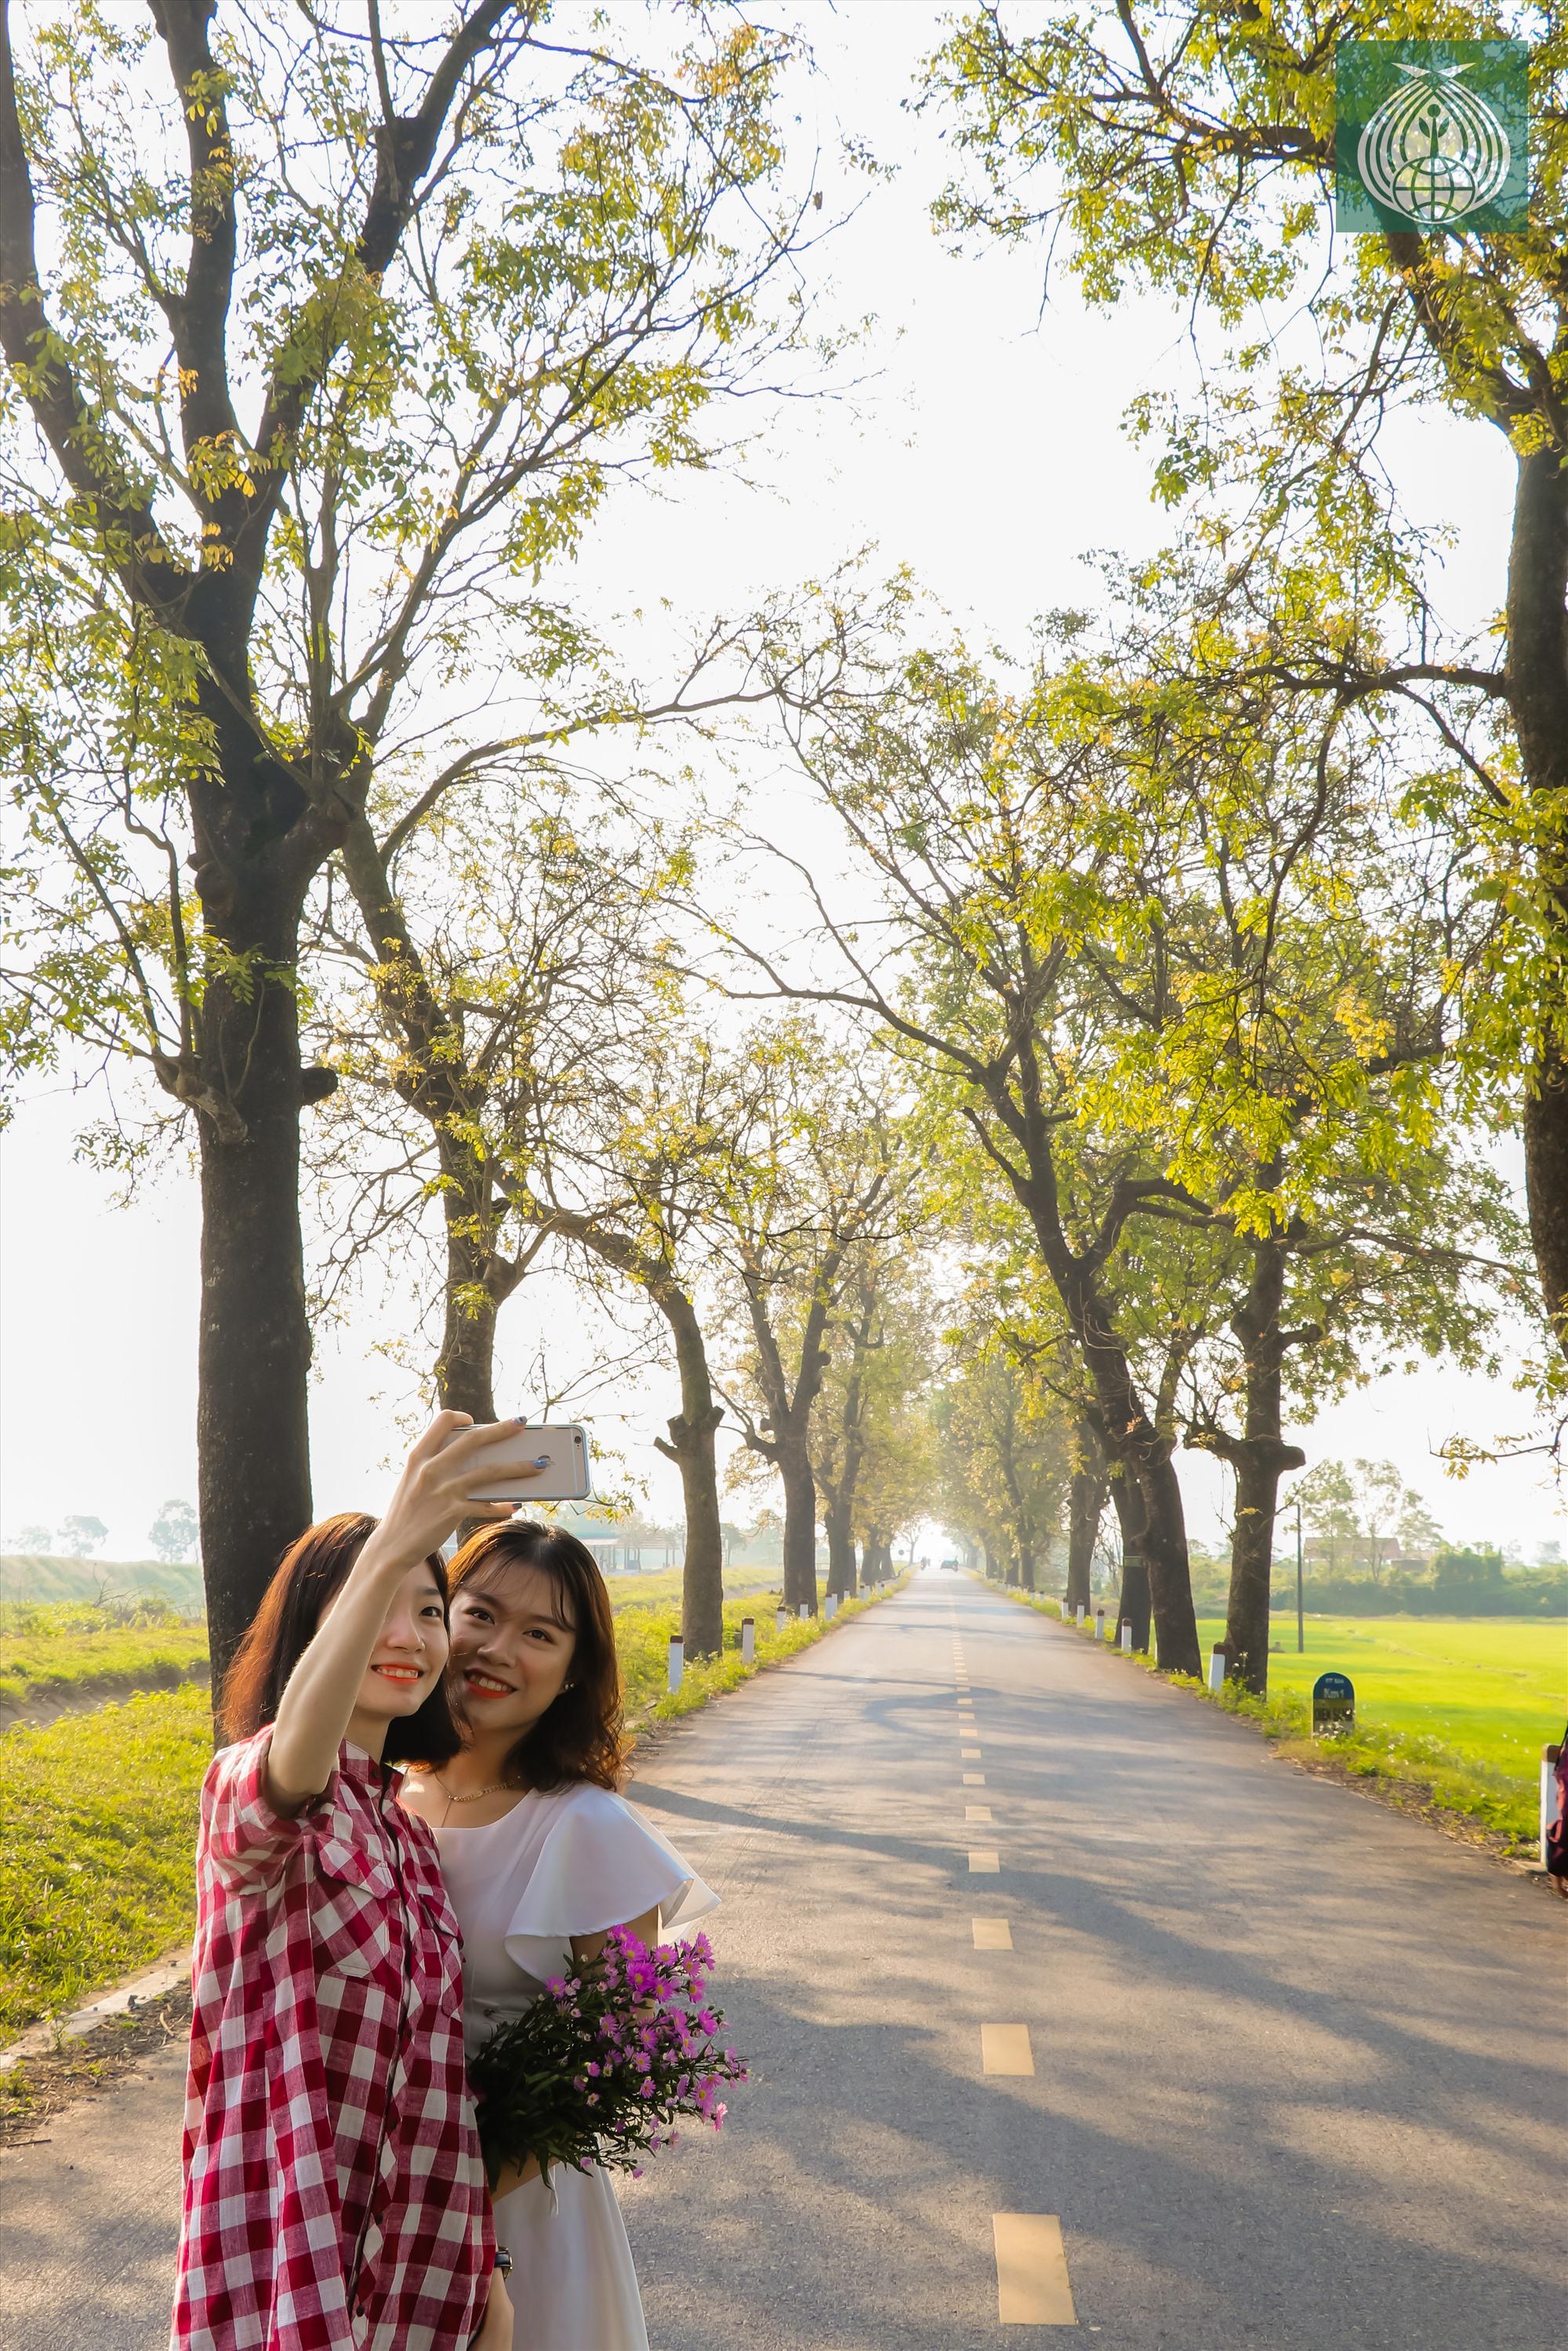 Đây cũng được xem là còn đường đẹp nhất và đang thu hút giới trẻ đến chiêm ngưỡng.